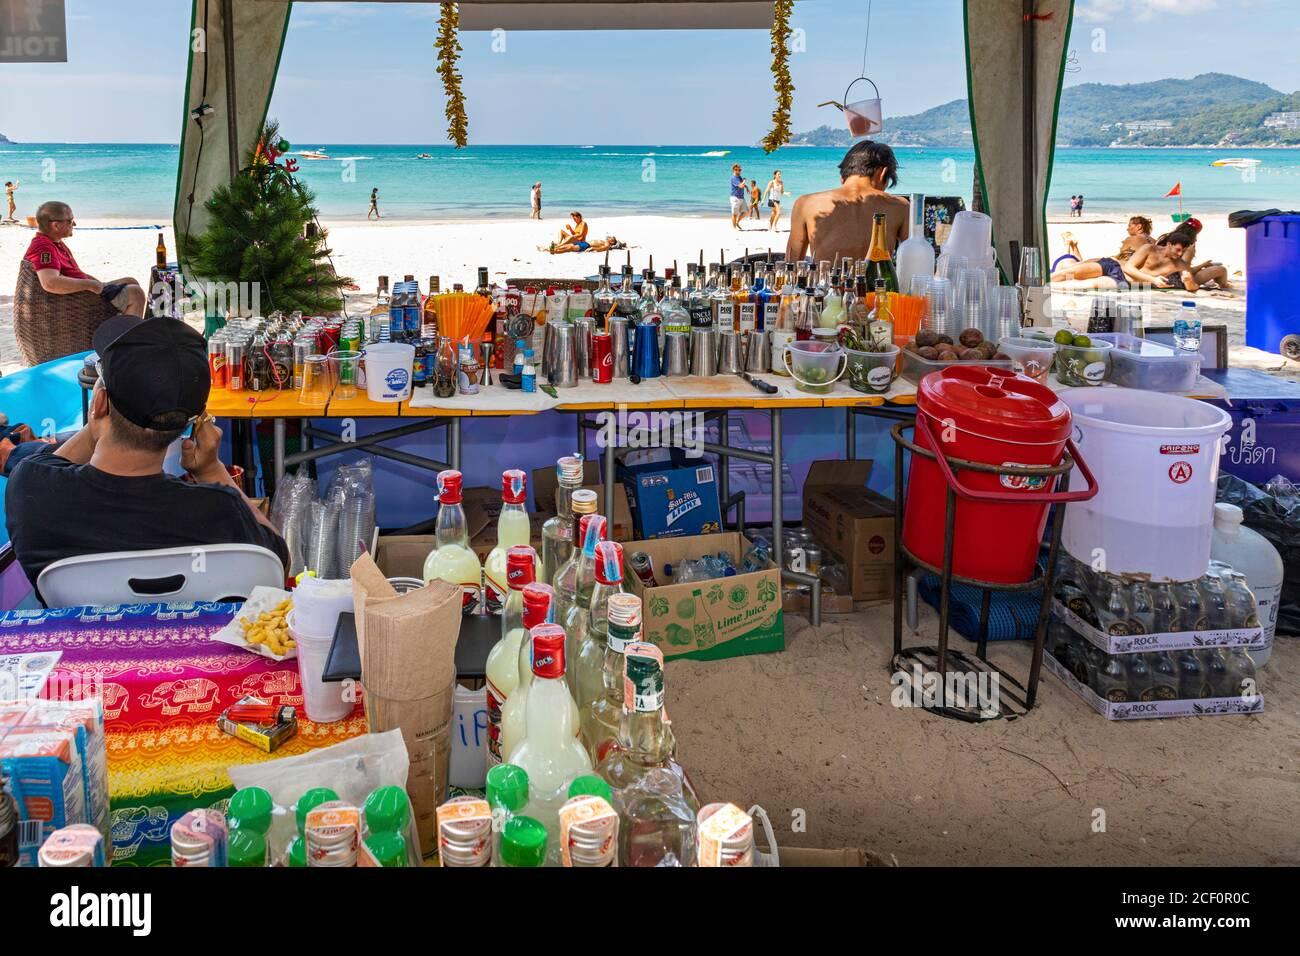 Bar de plage sur le sable à Patong, Phuket, Thaïlande Banque D'Images